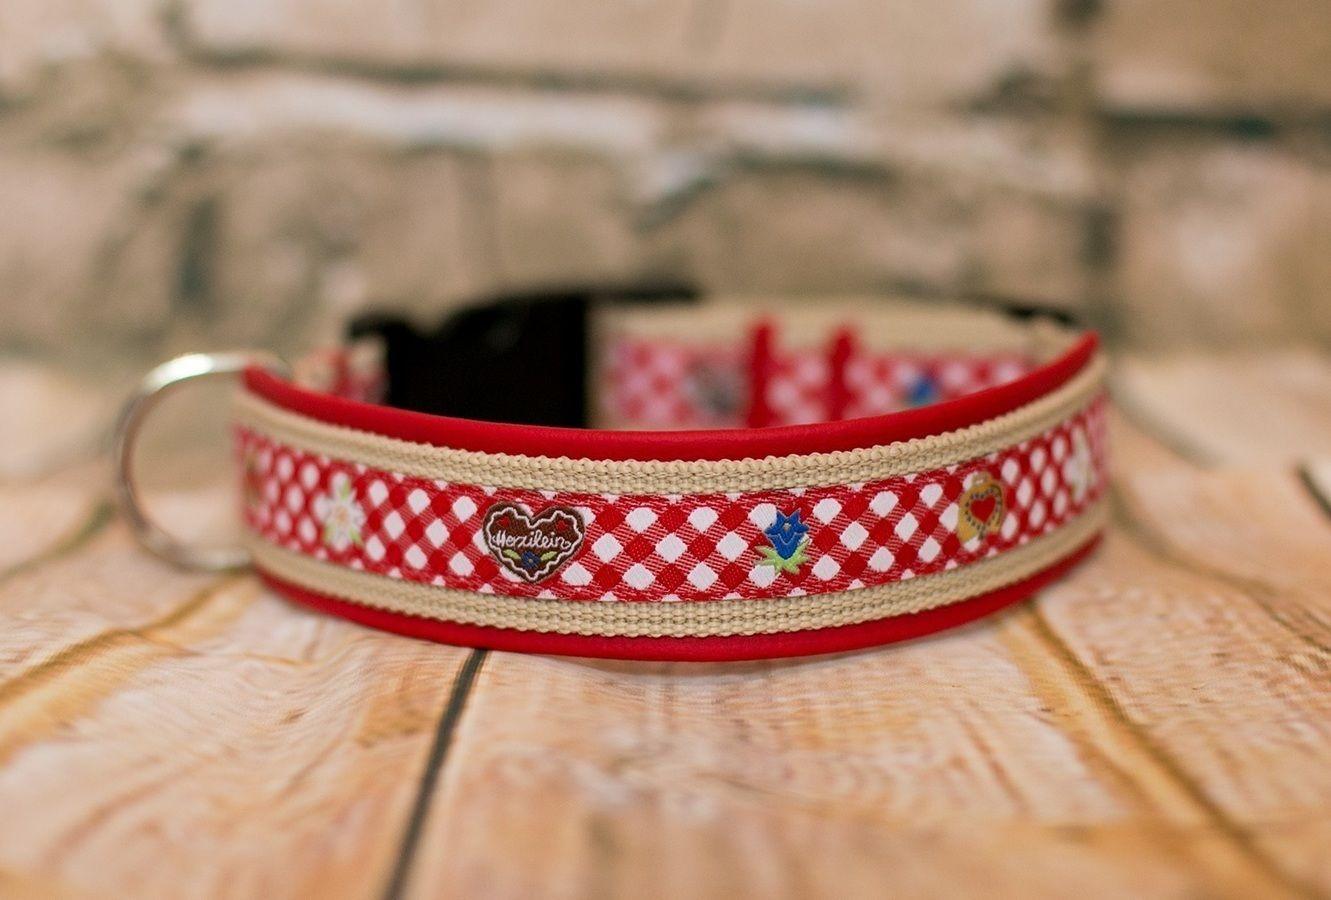 Makerist-Naehen-fuer-Hunde-17-tolle-Accessoires-fuer-Vierbeiner-Gepolstertes-Hundehalsband